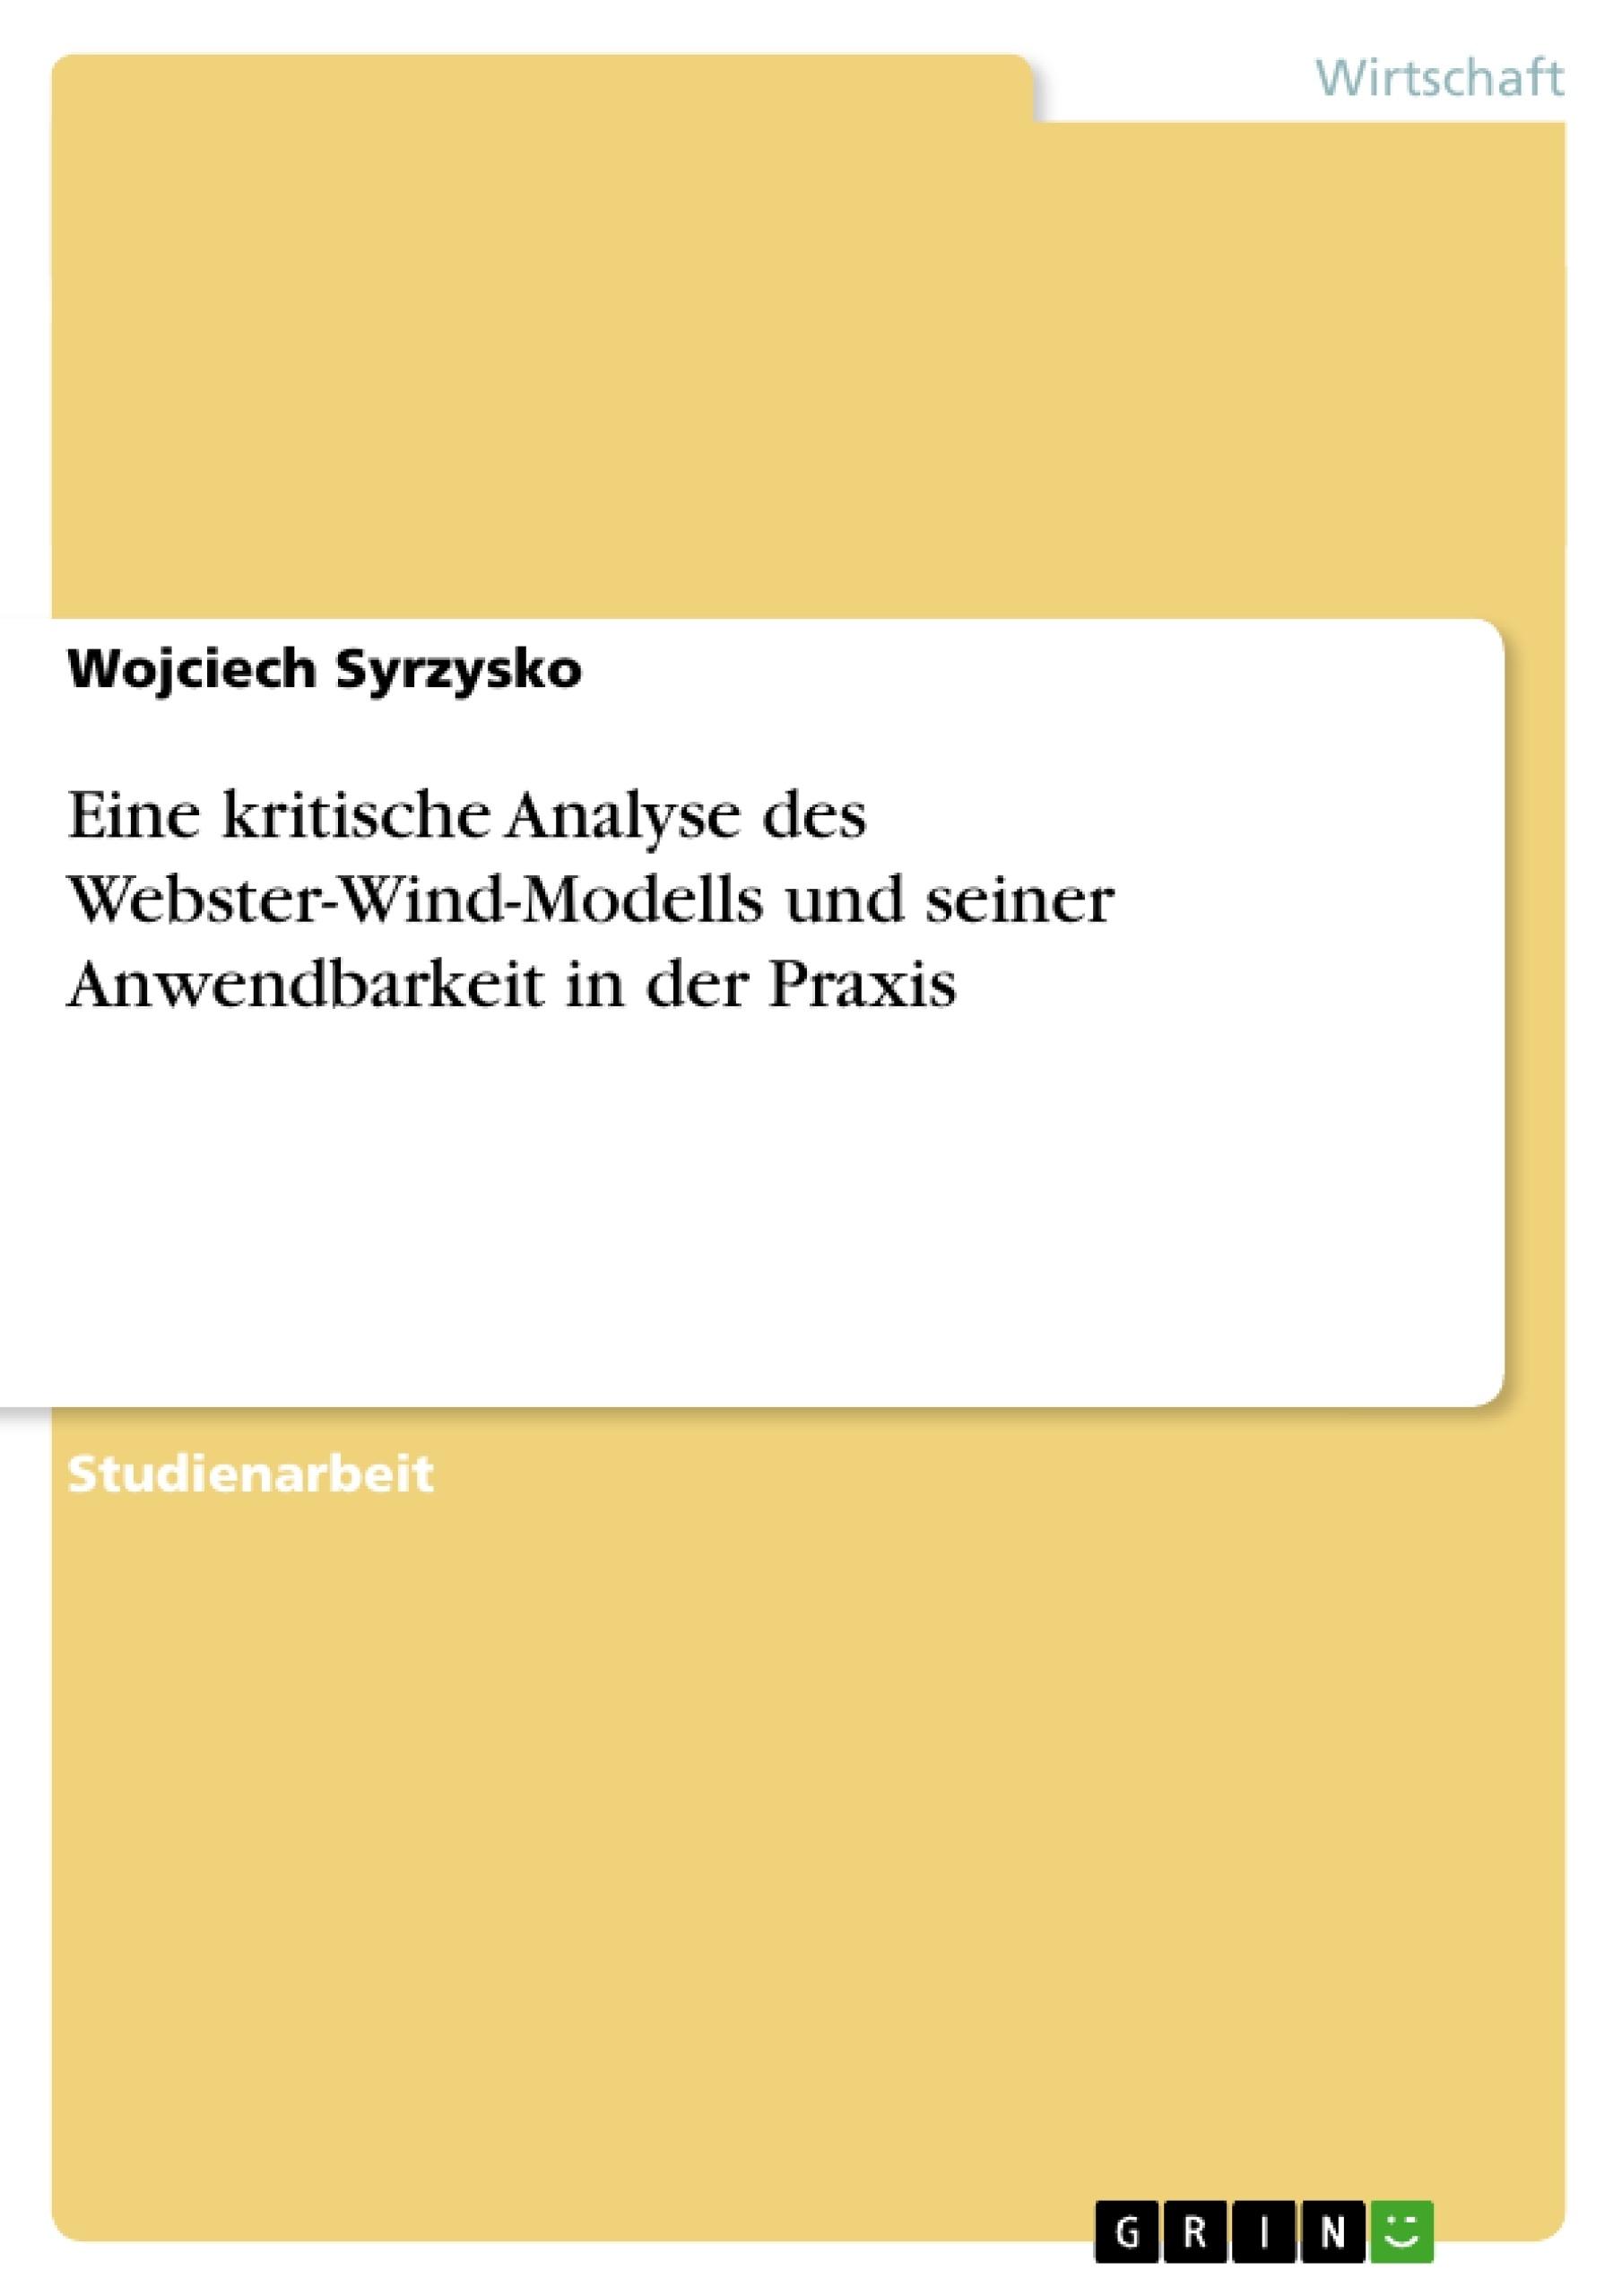 Titel: Eine kritische Analyse des Webster-Wind-Modells und  seiner Anwendbarkeit in der Praxis